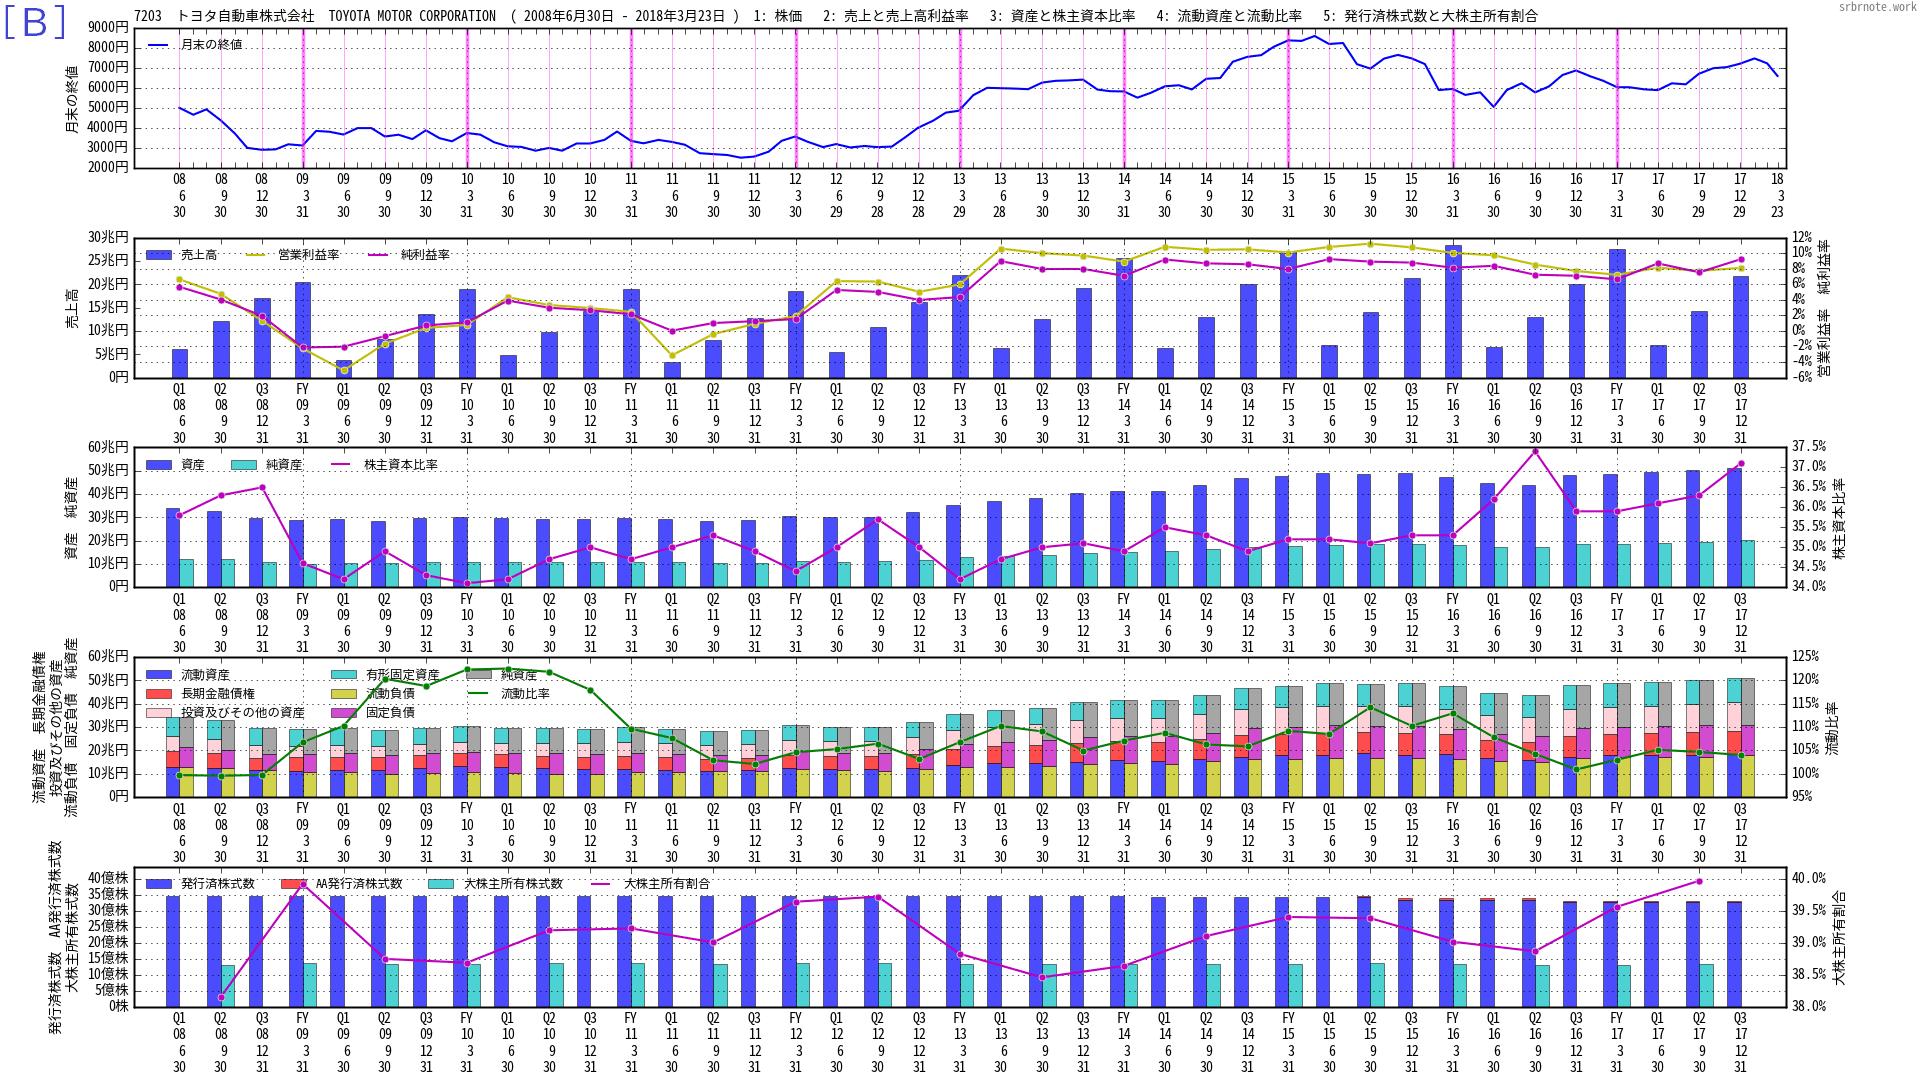 株価と財務のマルチチャートB 7203 トヨタ自動車株式会社